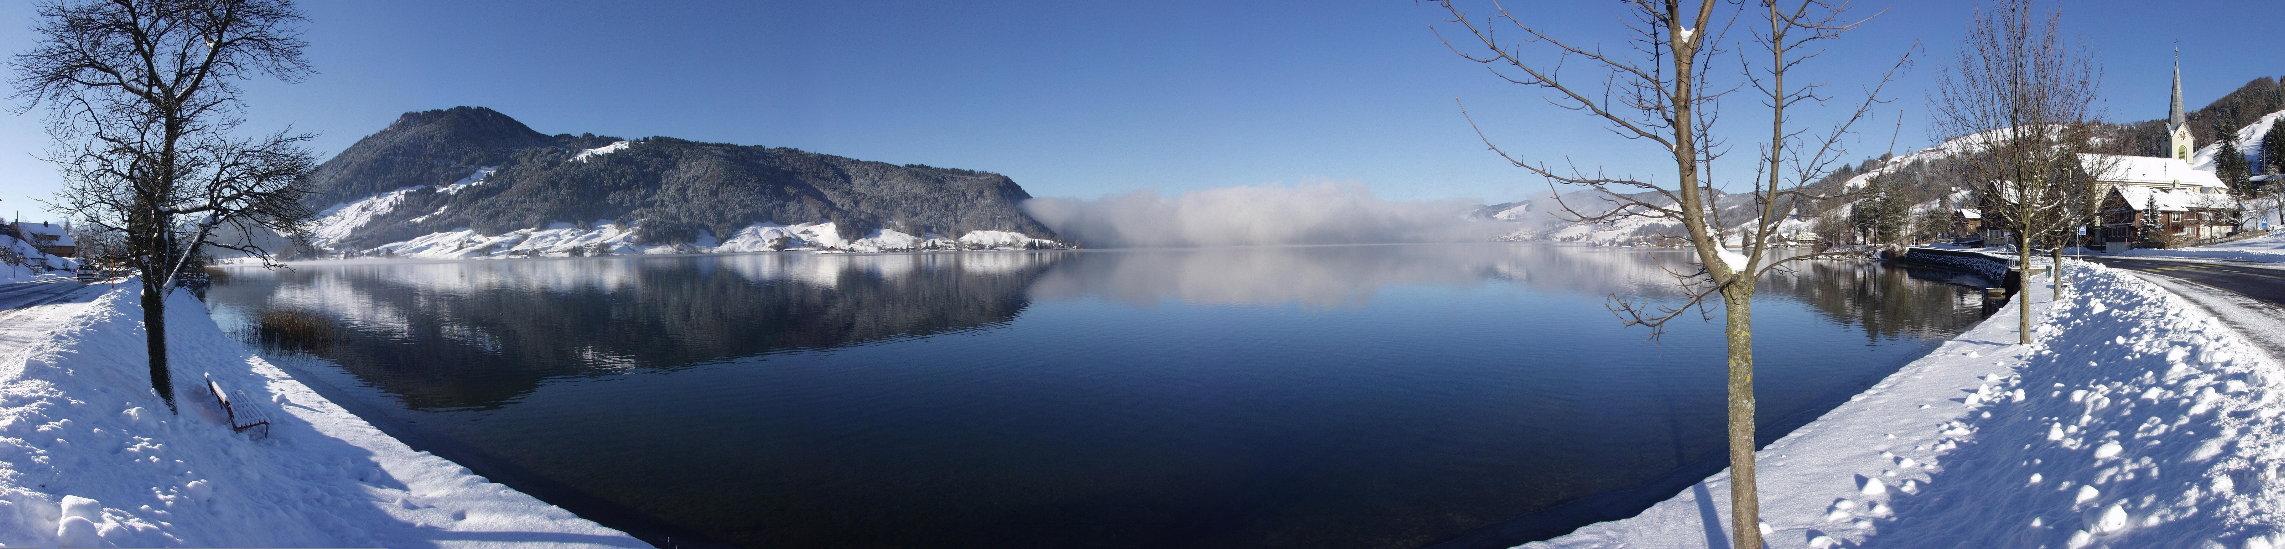 Lake Aegeri at the new-year 2002